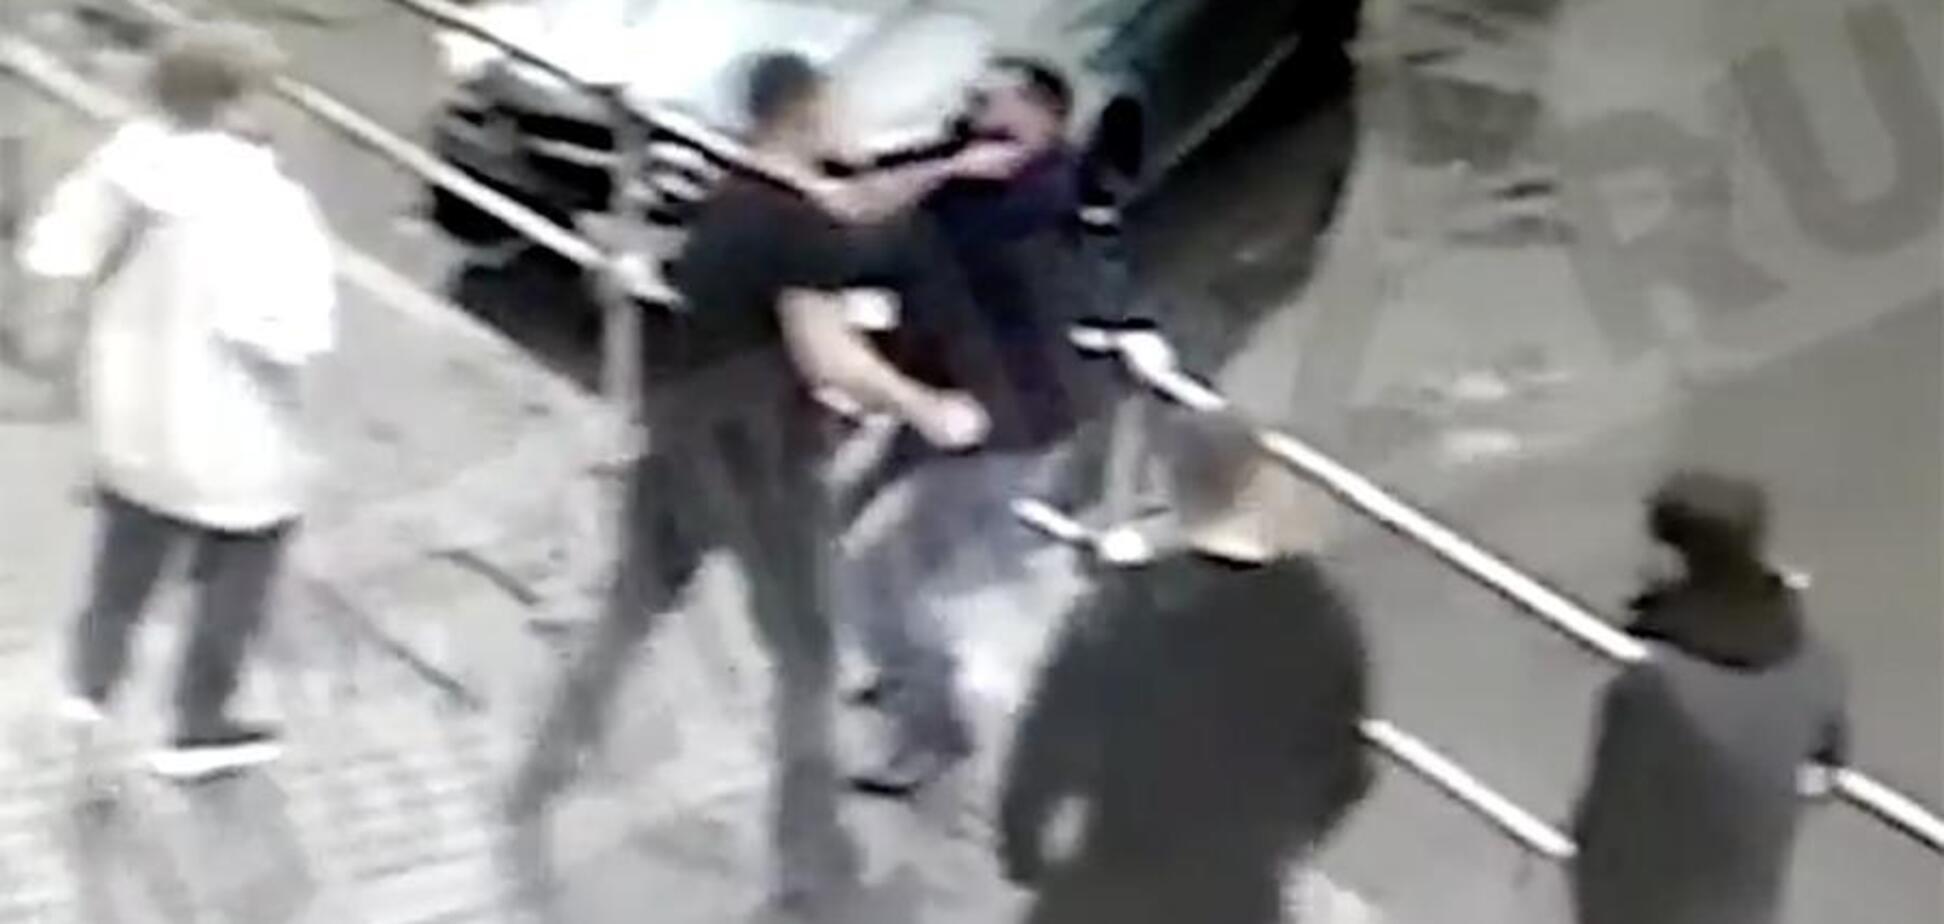 Били лежачего ногами: СМИ опубликовали видео с пьяными российскими футболистами